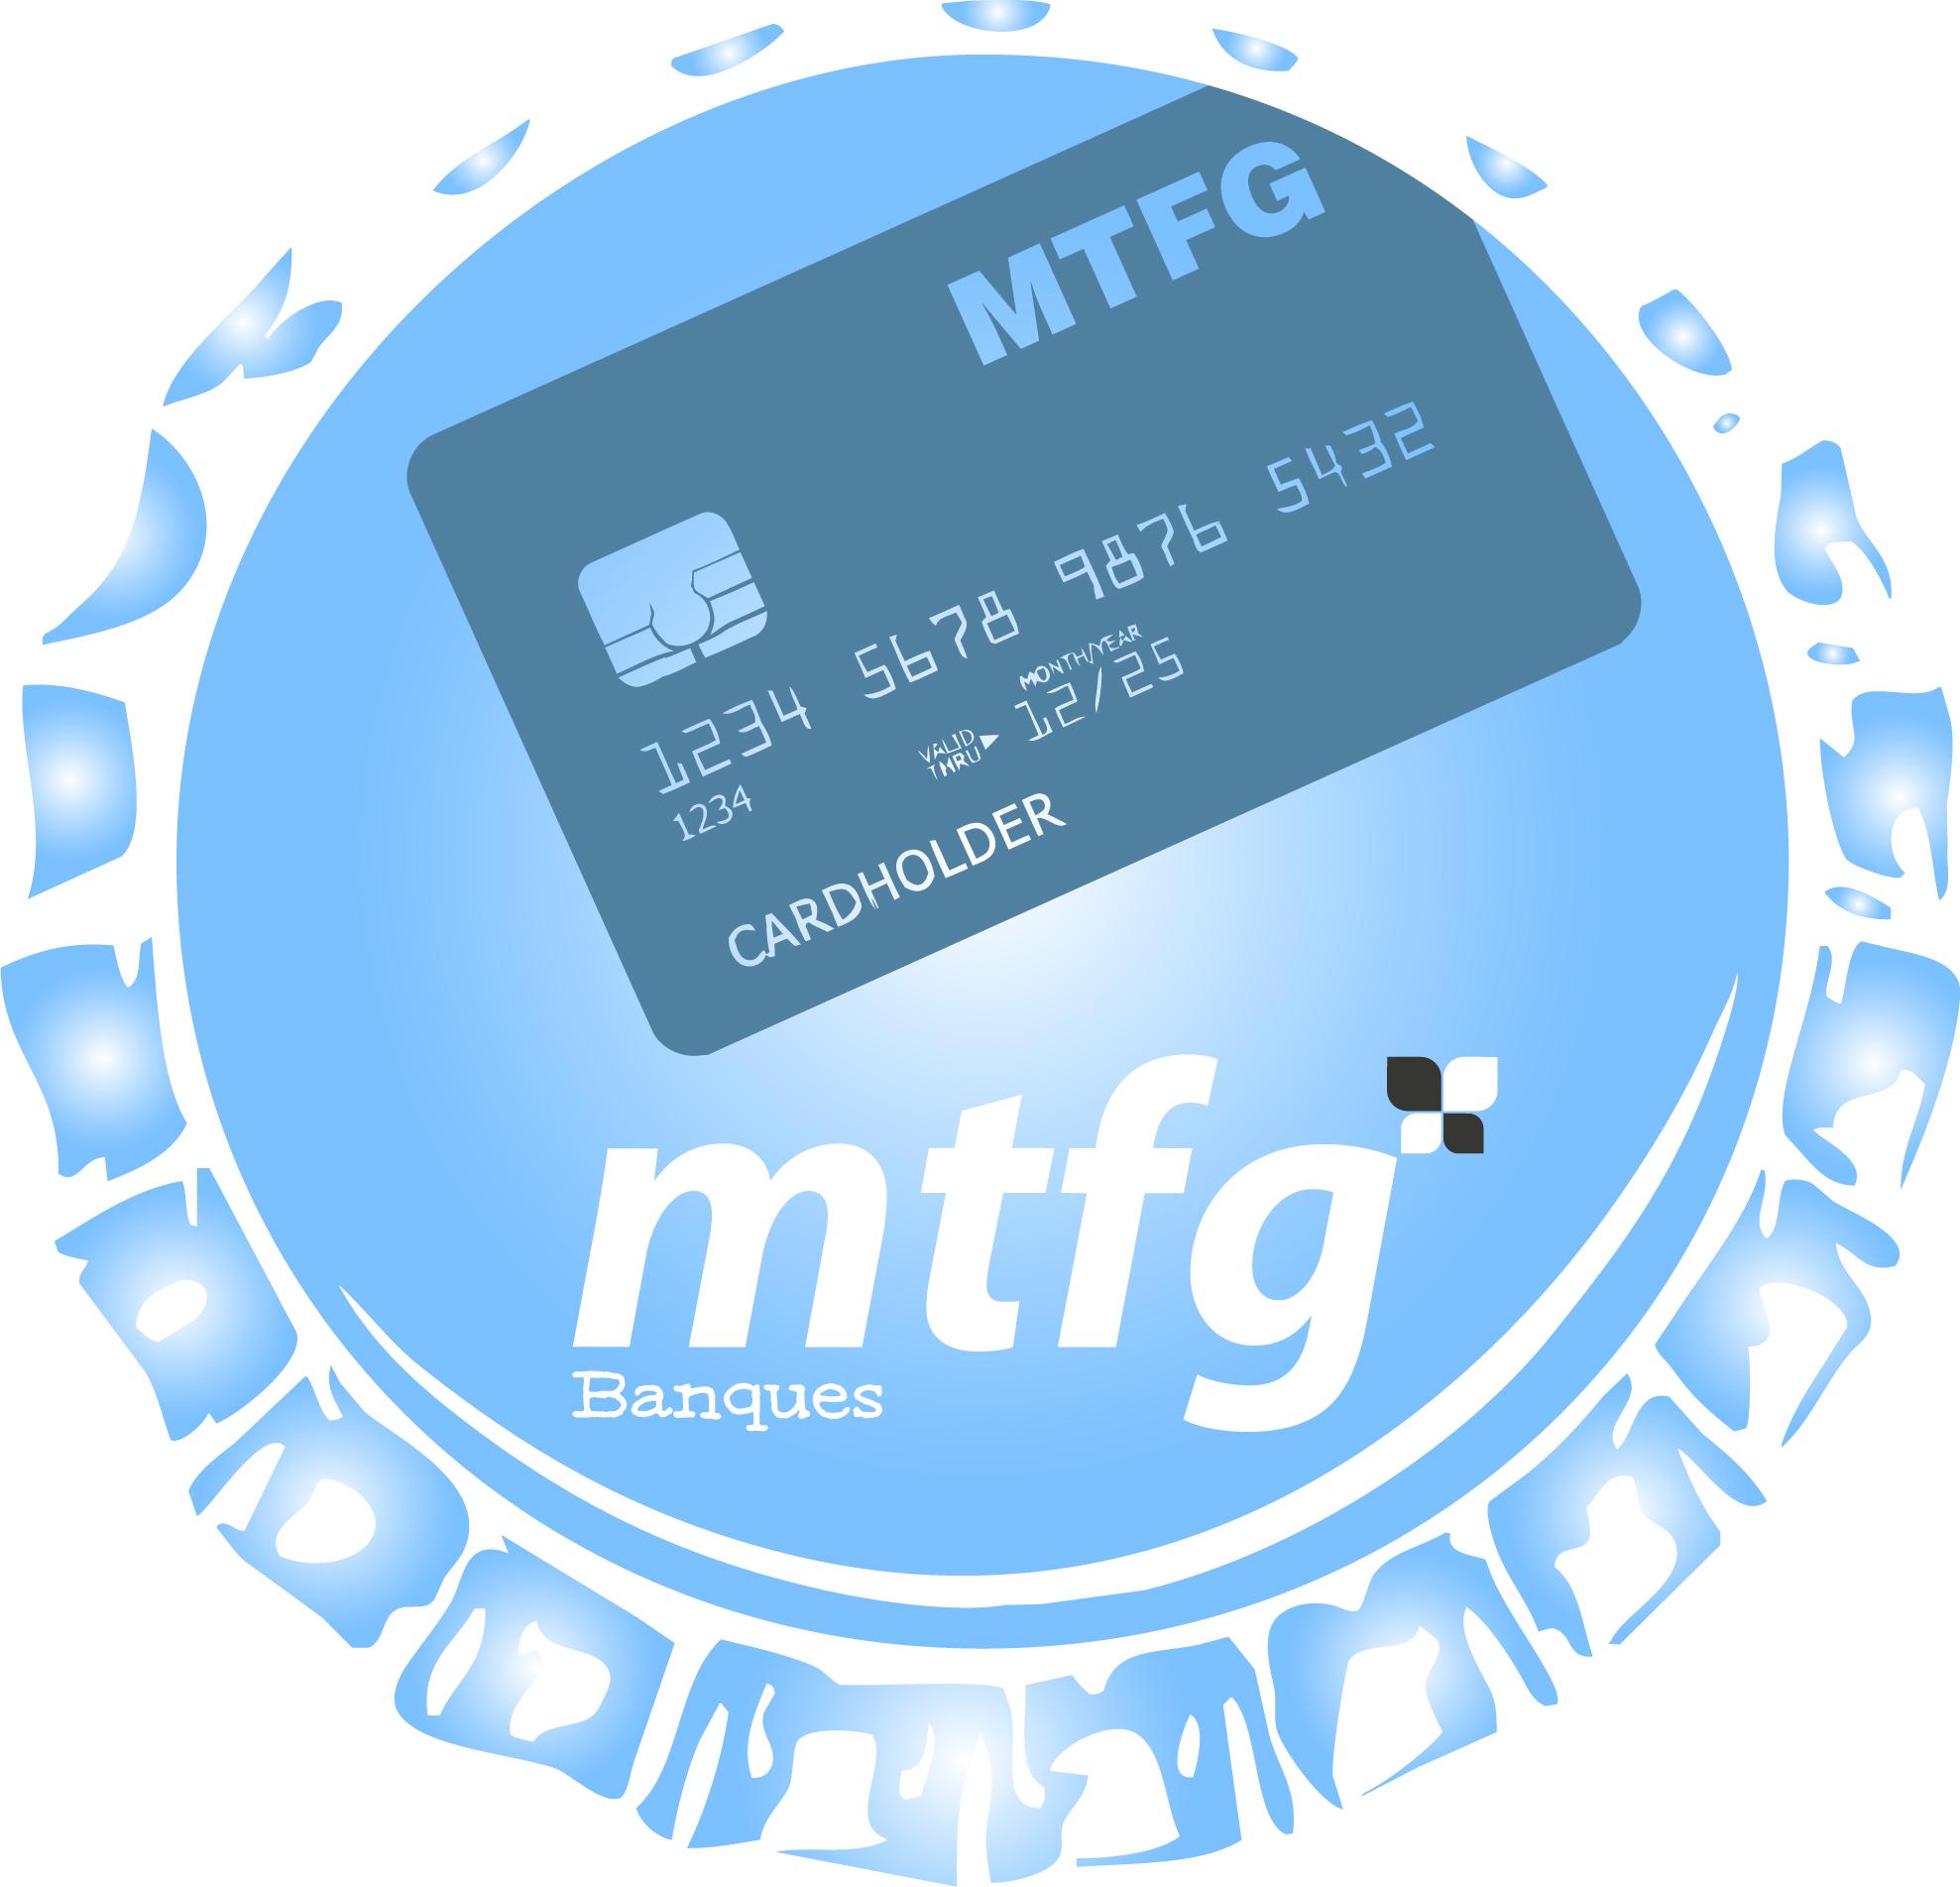 MTFG Banques